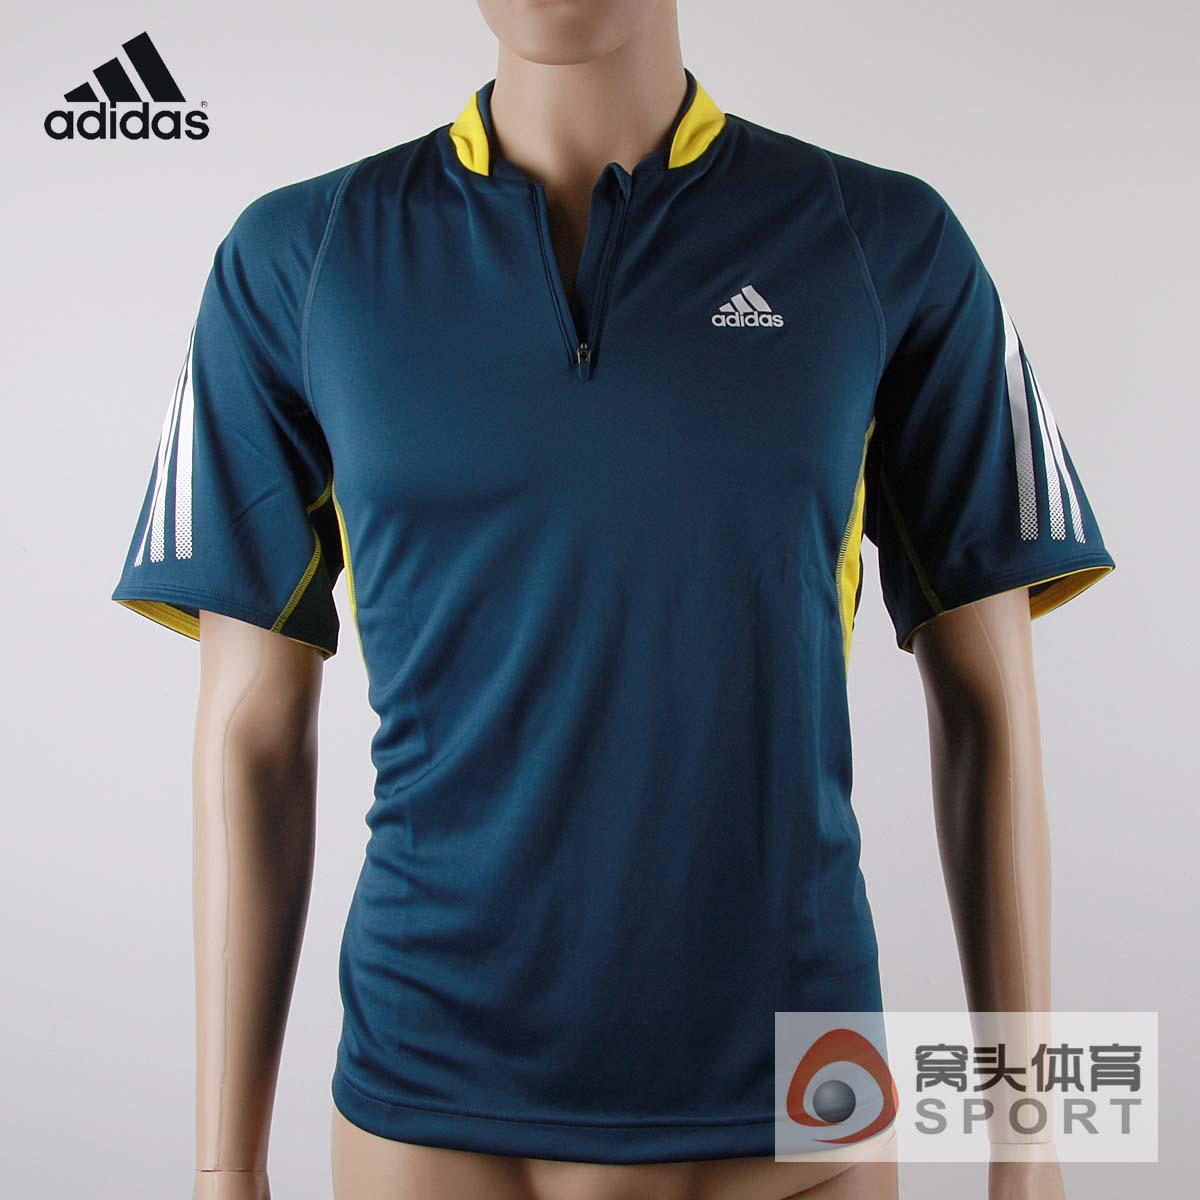 专柜正品 adidas 阿迪达斯乒乓短袖 乒乓球比赛服z19414商品图片价格